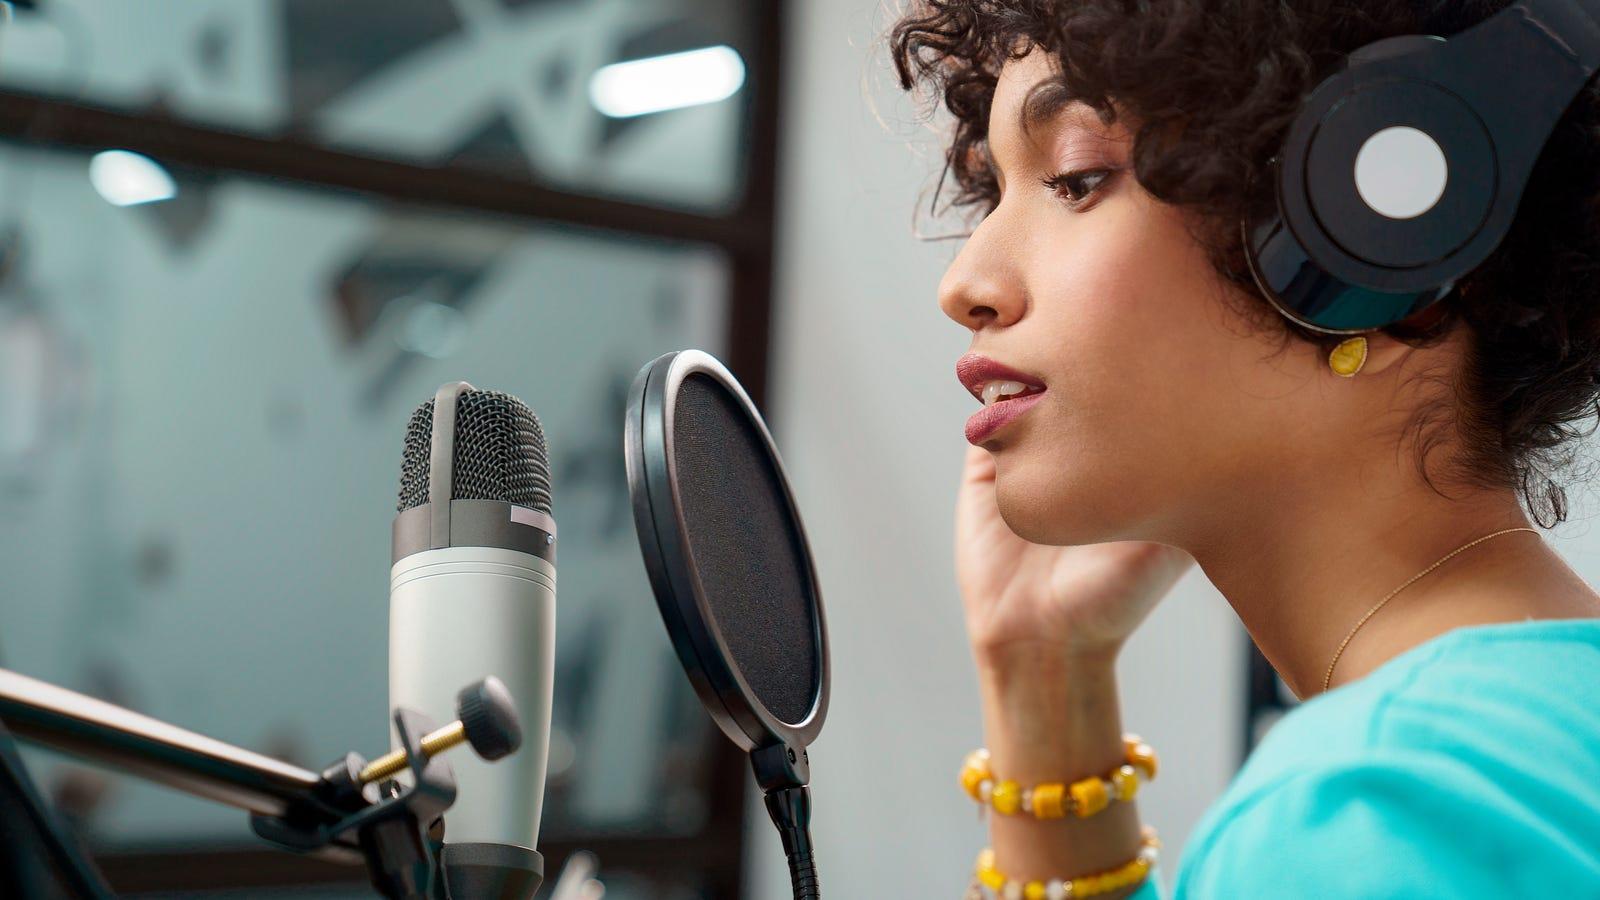 امرأة تتحدث في ميكروفون في الاستوديو